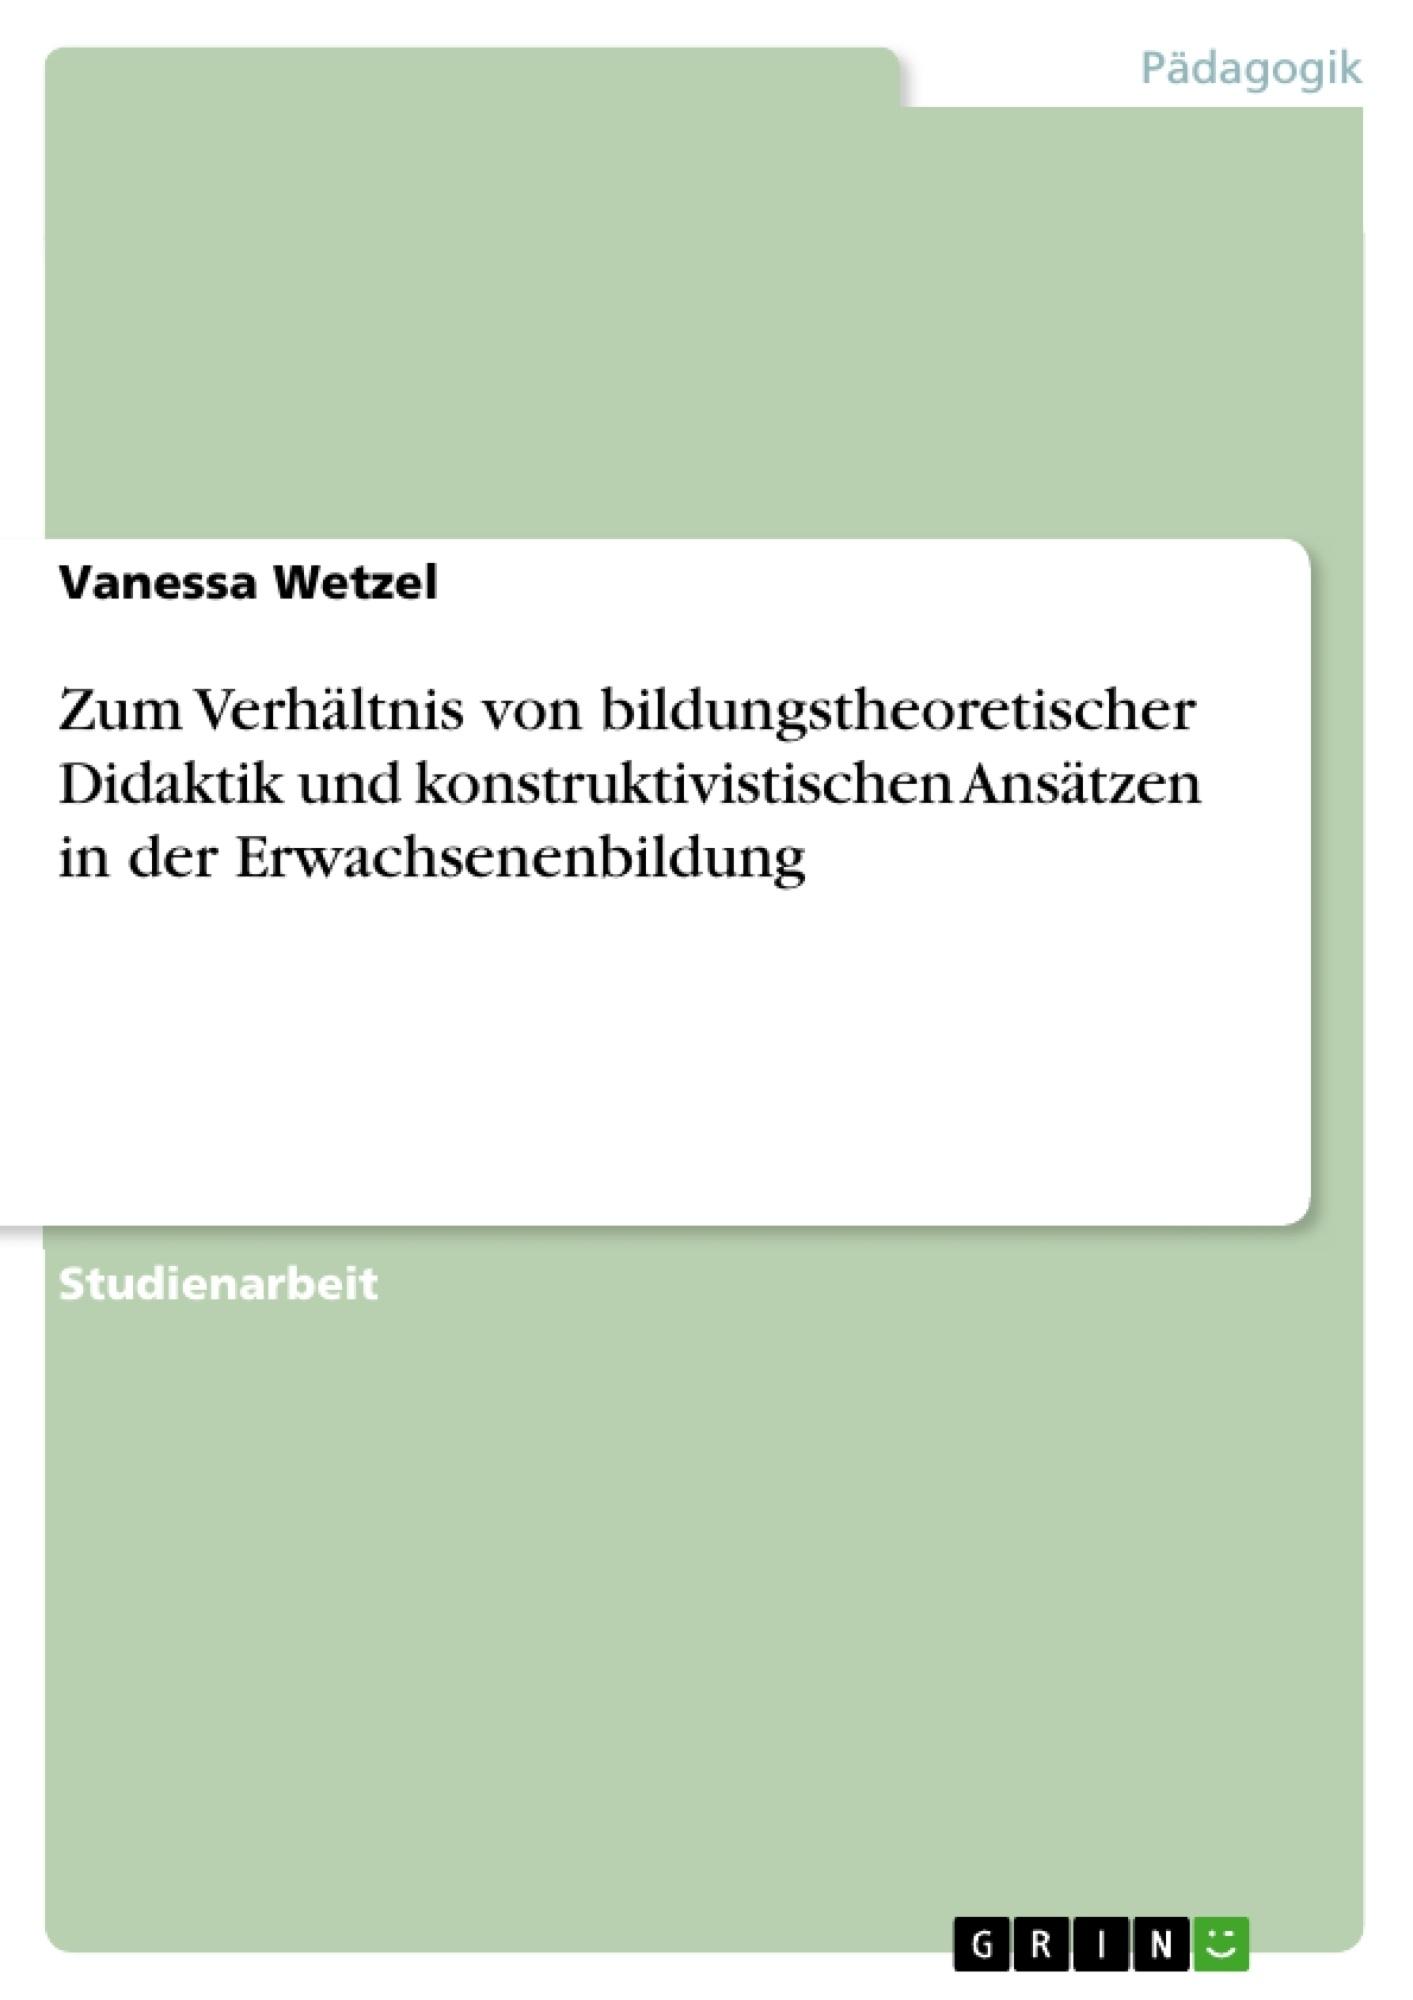 Titel: Zum Verhältnis von bildungstheoretischer Didaktik und konstruktivistischen Ansätzen in der Erwachsenenbildung